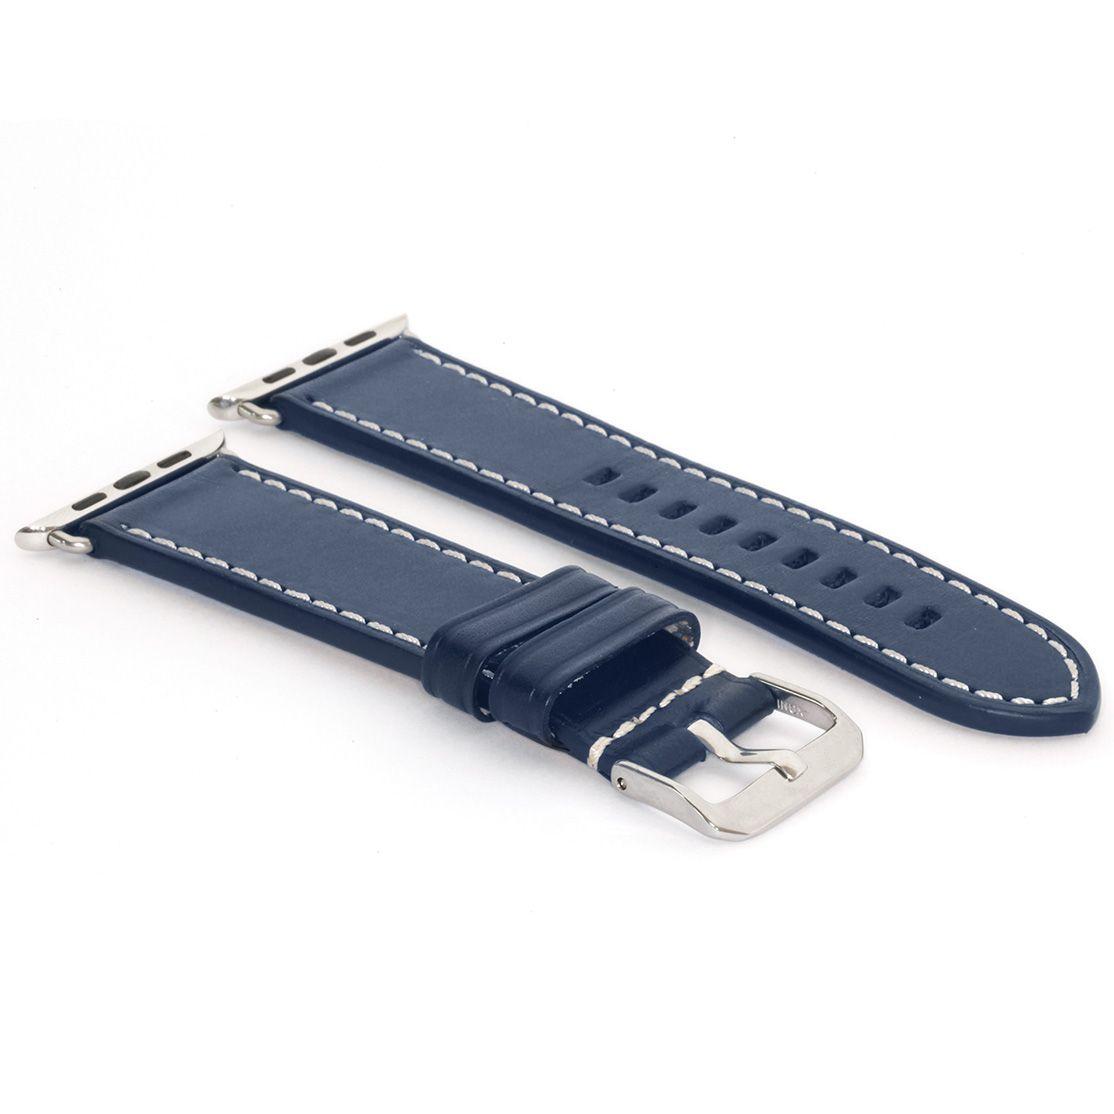 Leder   Mitternachtsblau Armband für die Apple Watch   BandWerk